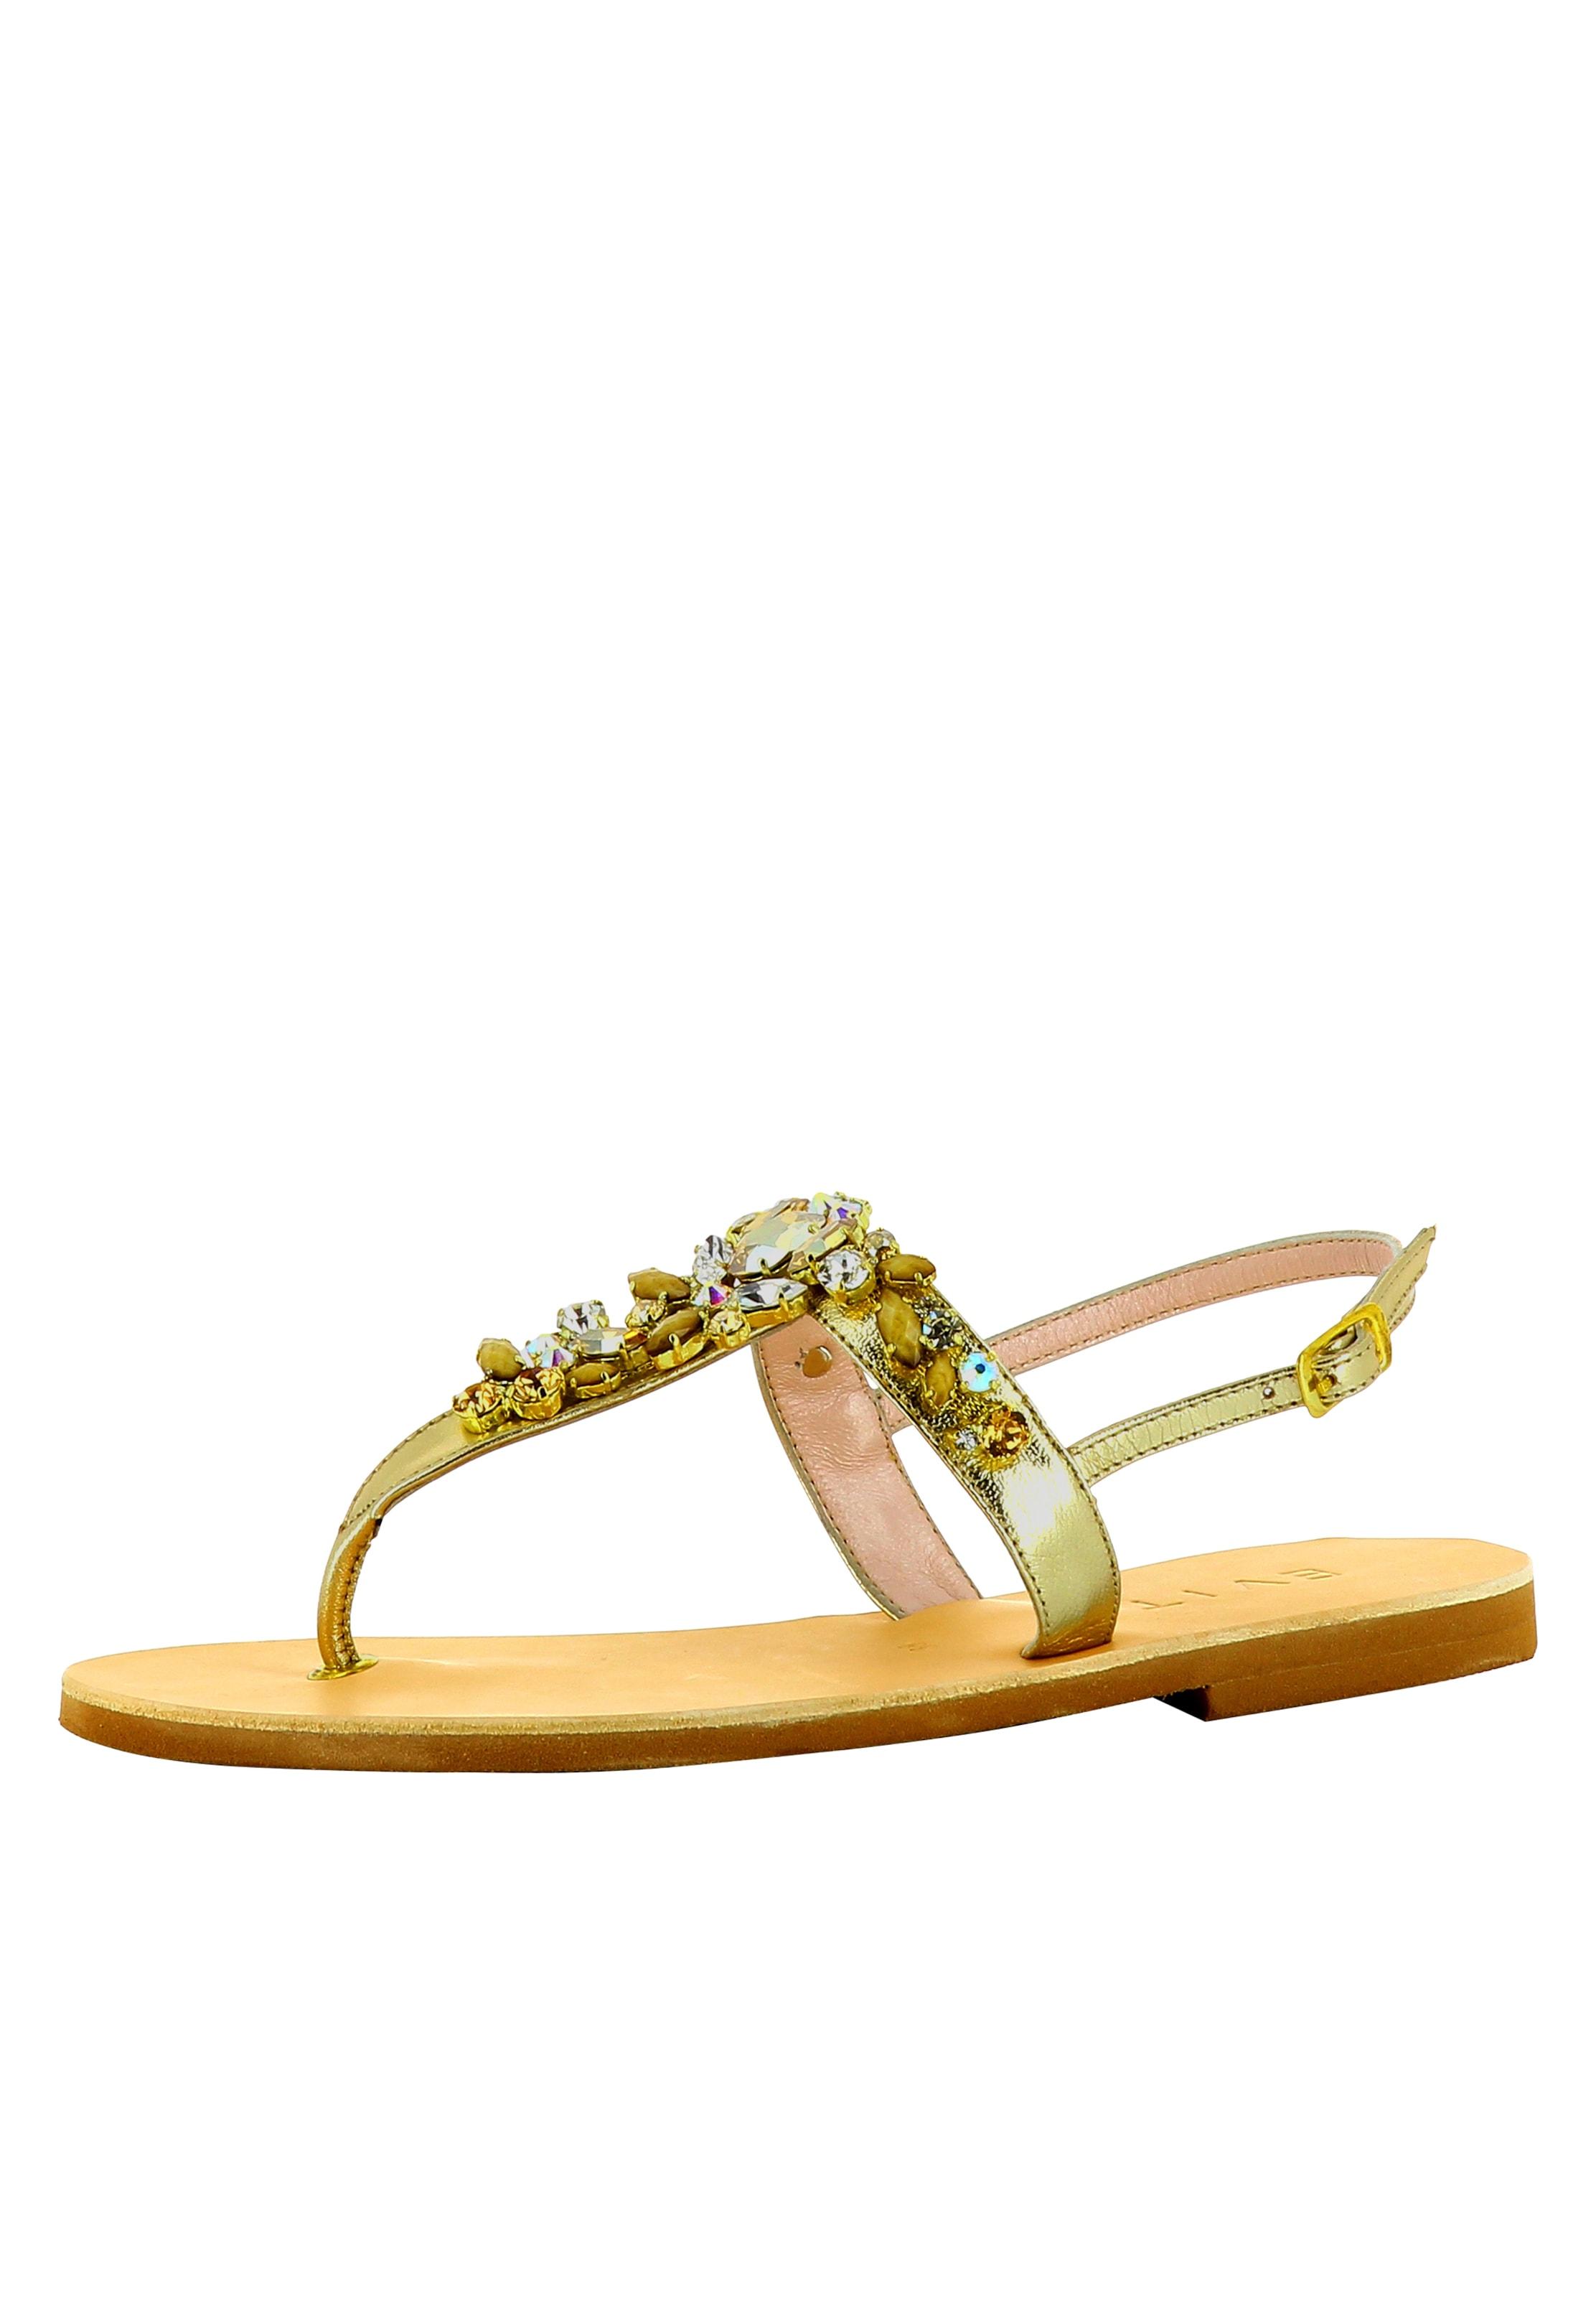 EVITA Damen Sandale Günstige und langlebige Schuhe